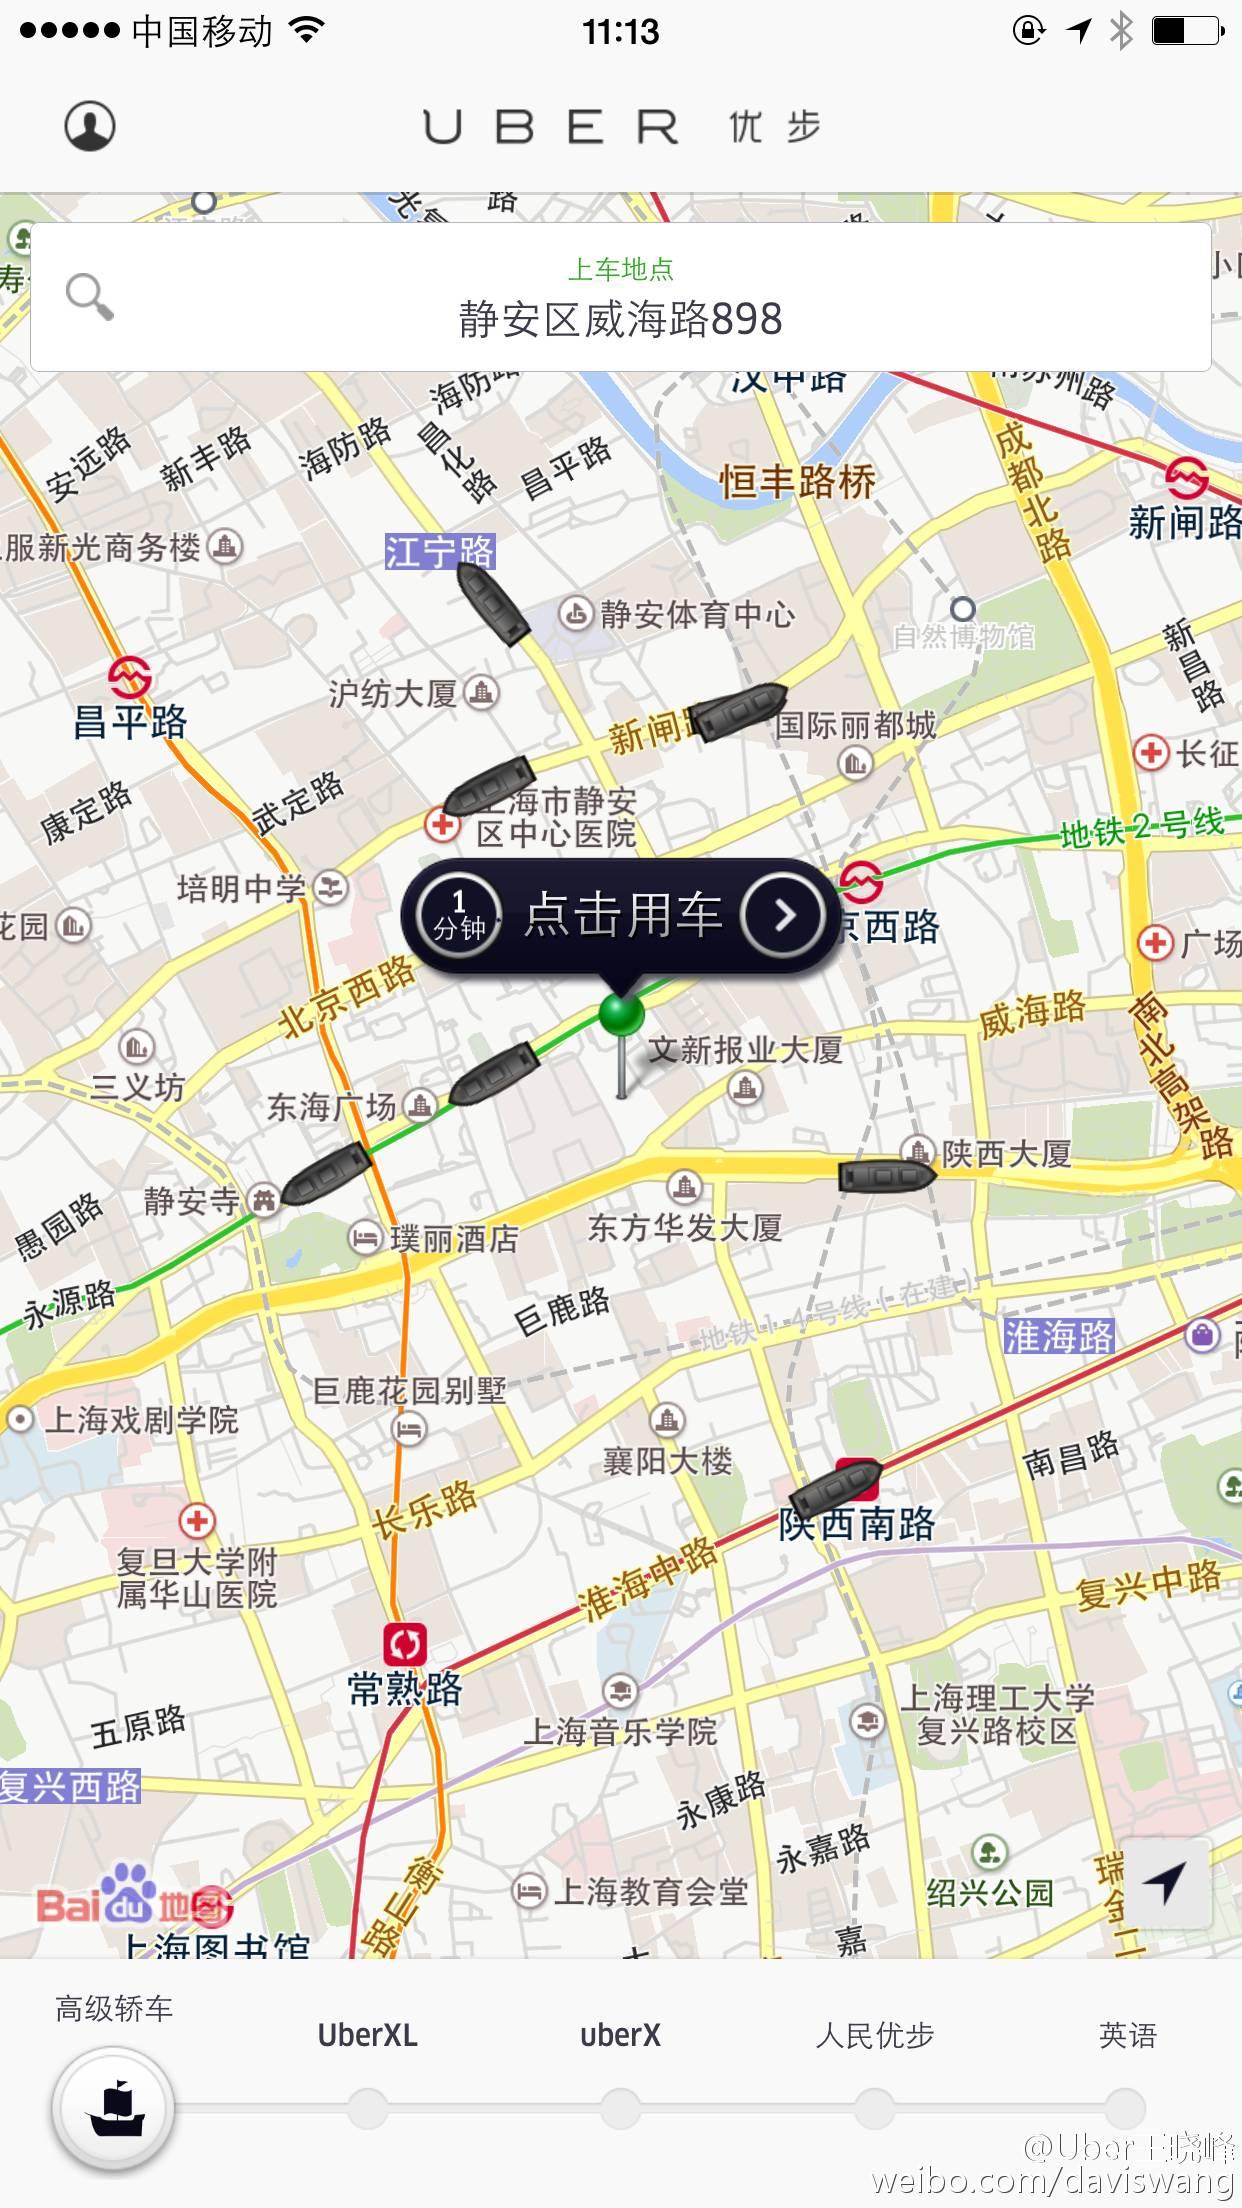 Uber Shanghai 1